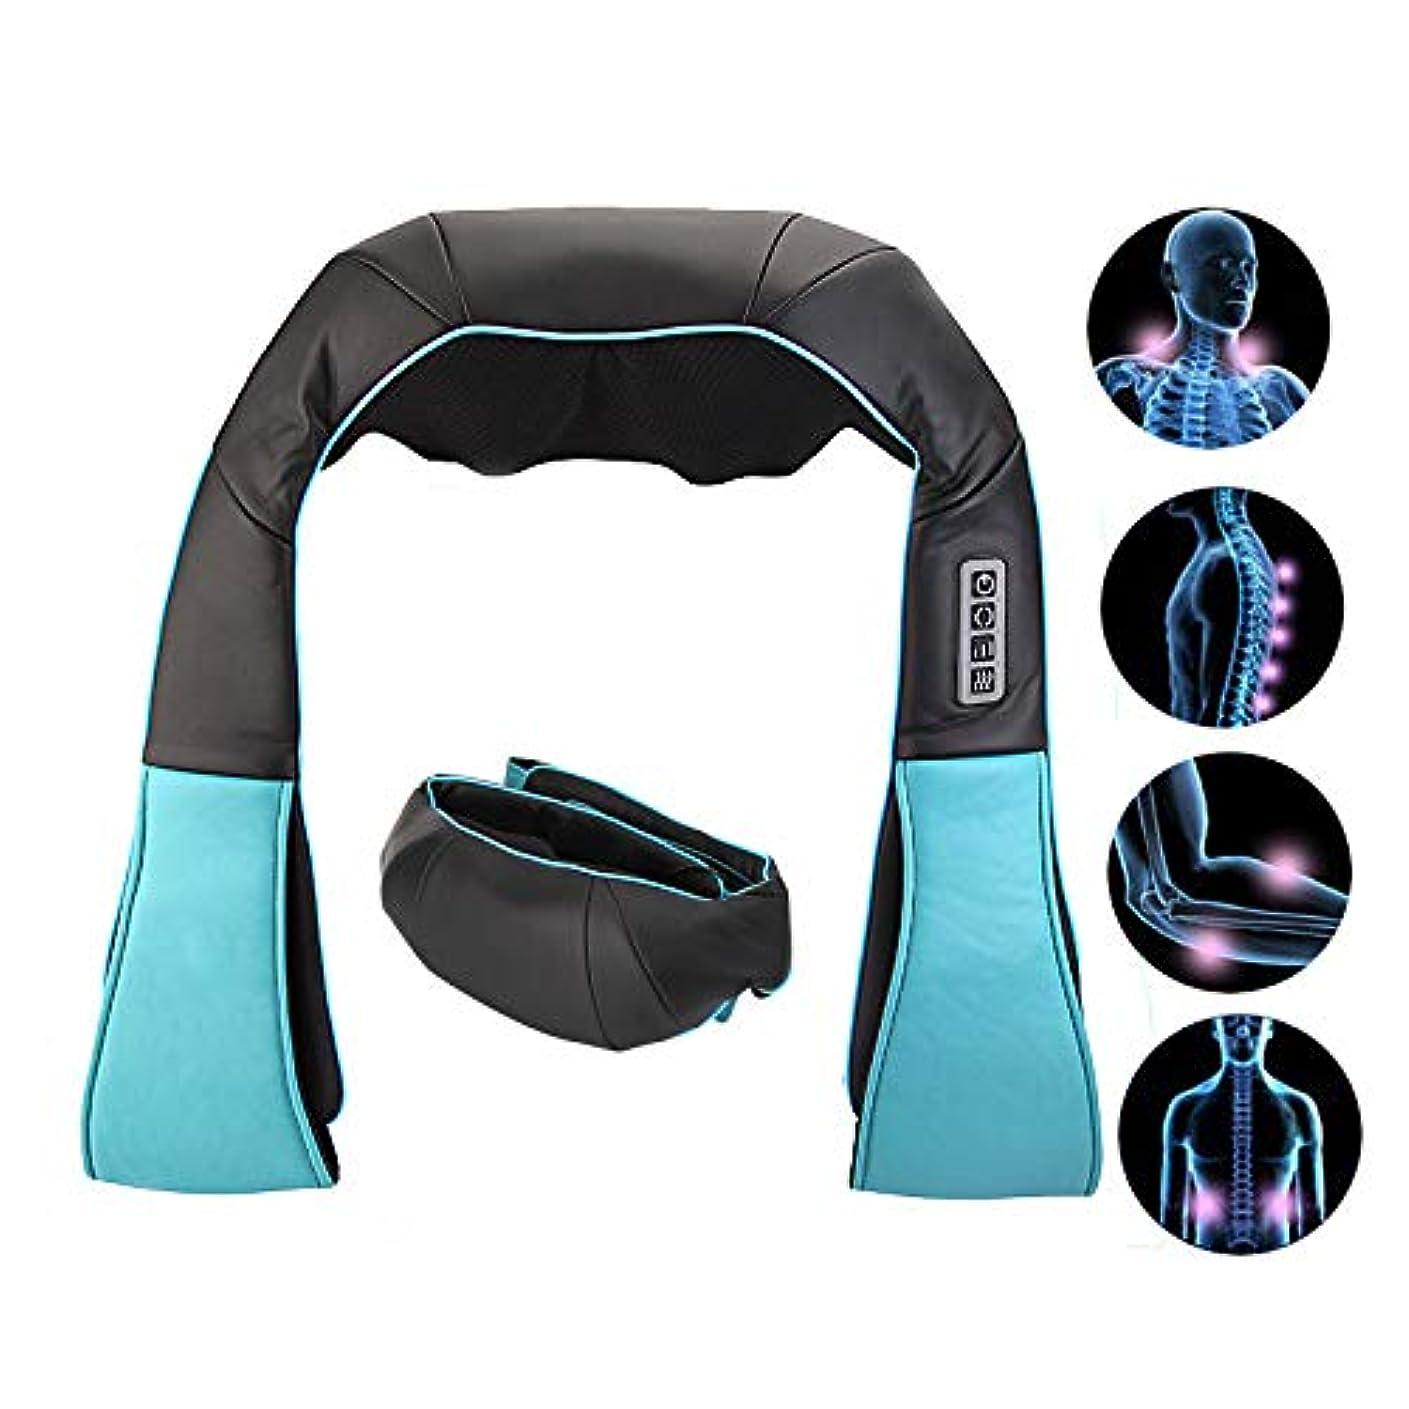 グラス正規化はげ肩、脚、体の筋肉の痛みを和らげる、なだめるような熱を備えた電気指圧バックネックと肩のマッサージャー